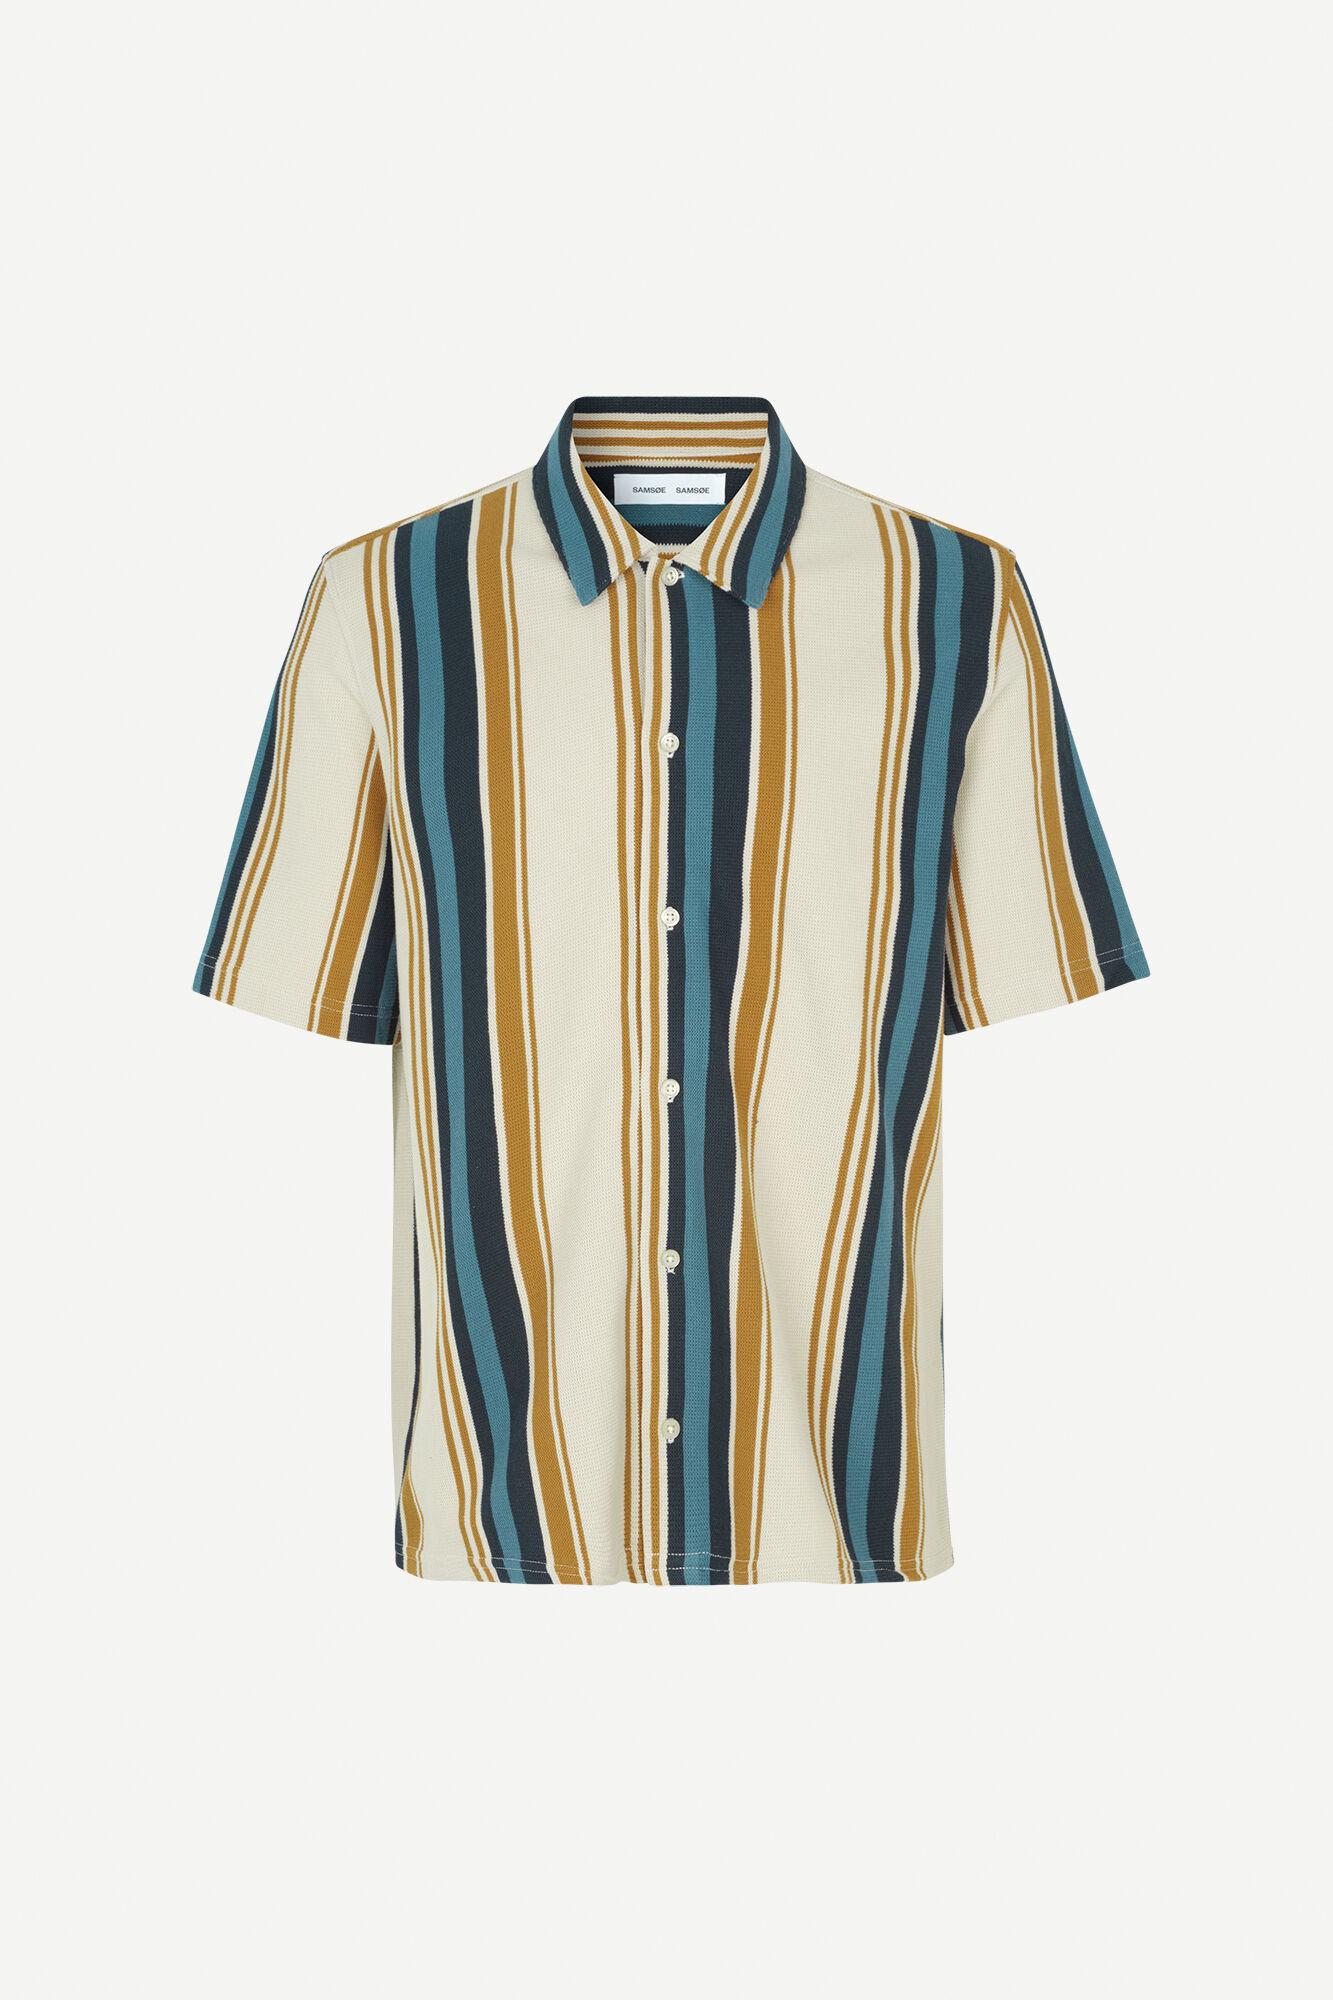 Kvistbro gestreept overhemd ecru 11565-1